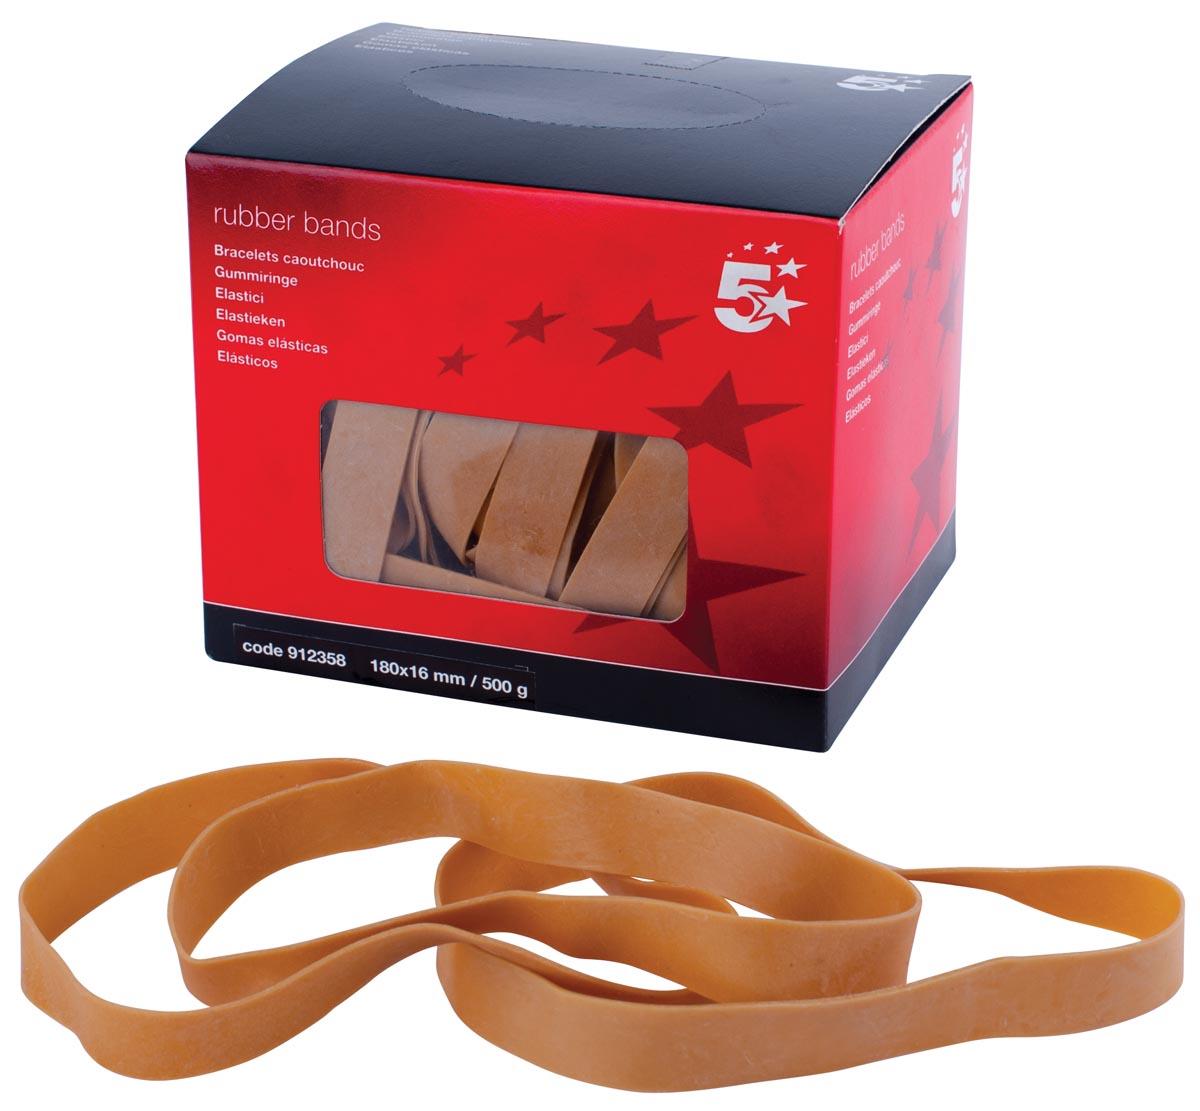 5 Star elastieken 16 mm x 180 mm, doos van 500 g